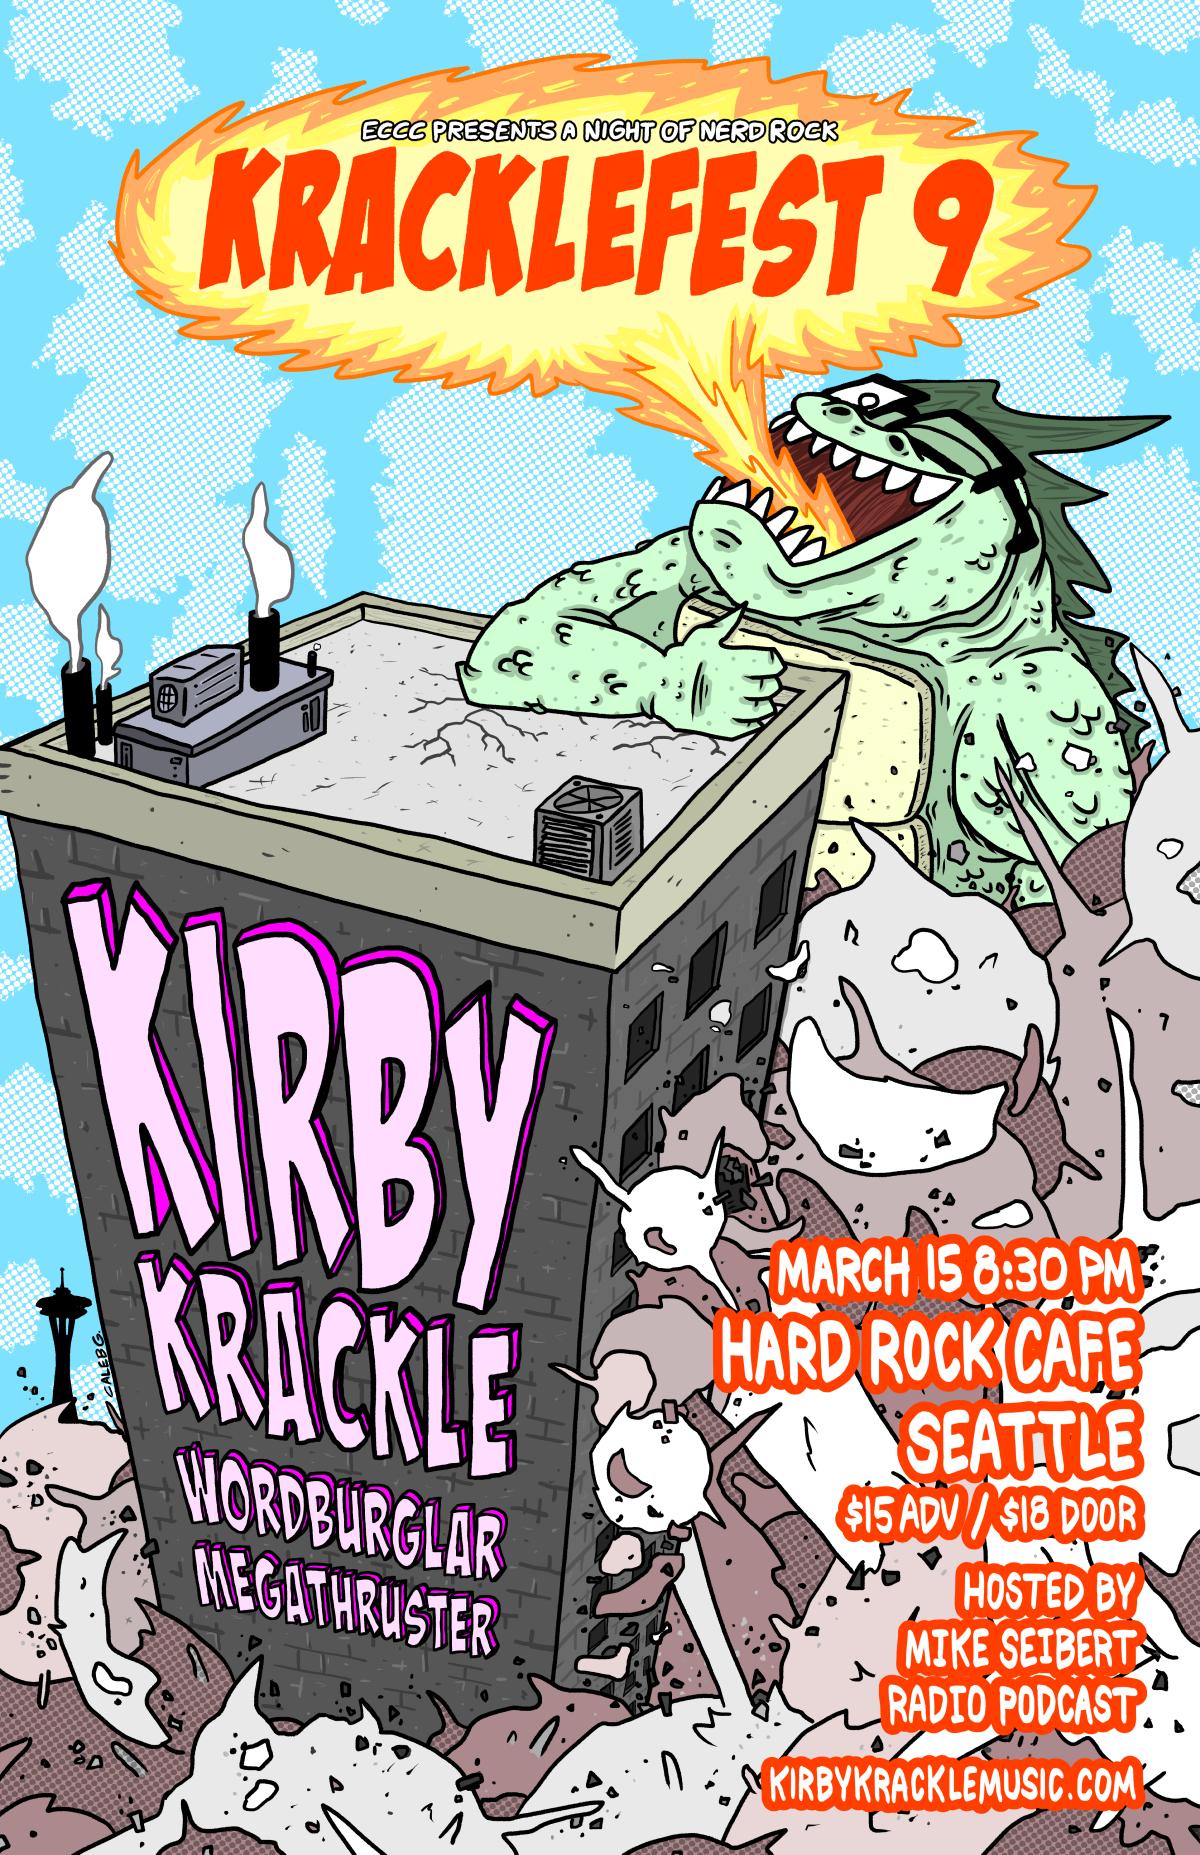 KK KRACKLEFEST 9 Poster Web Version.jpg